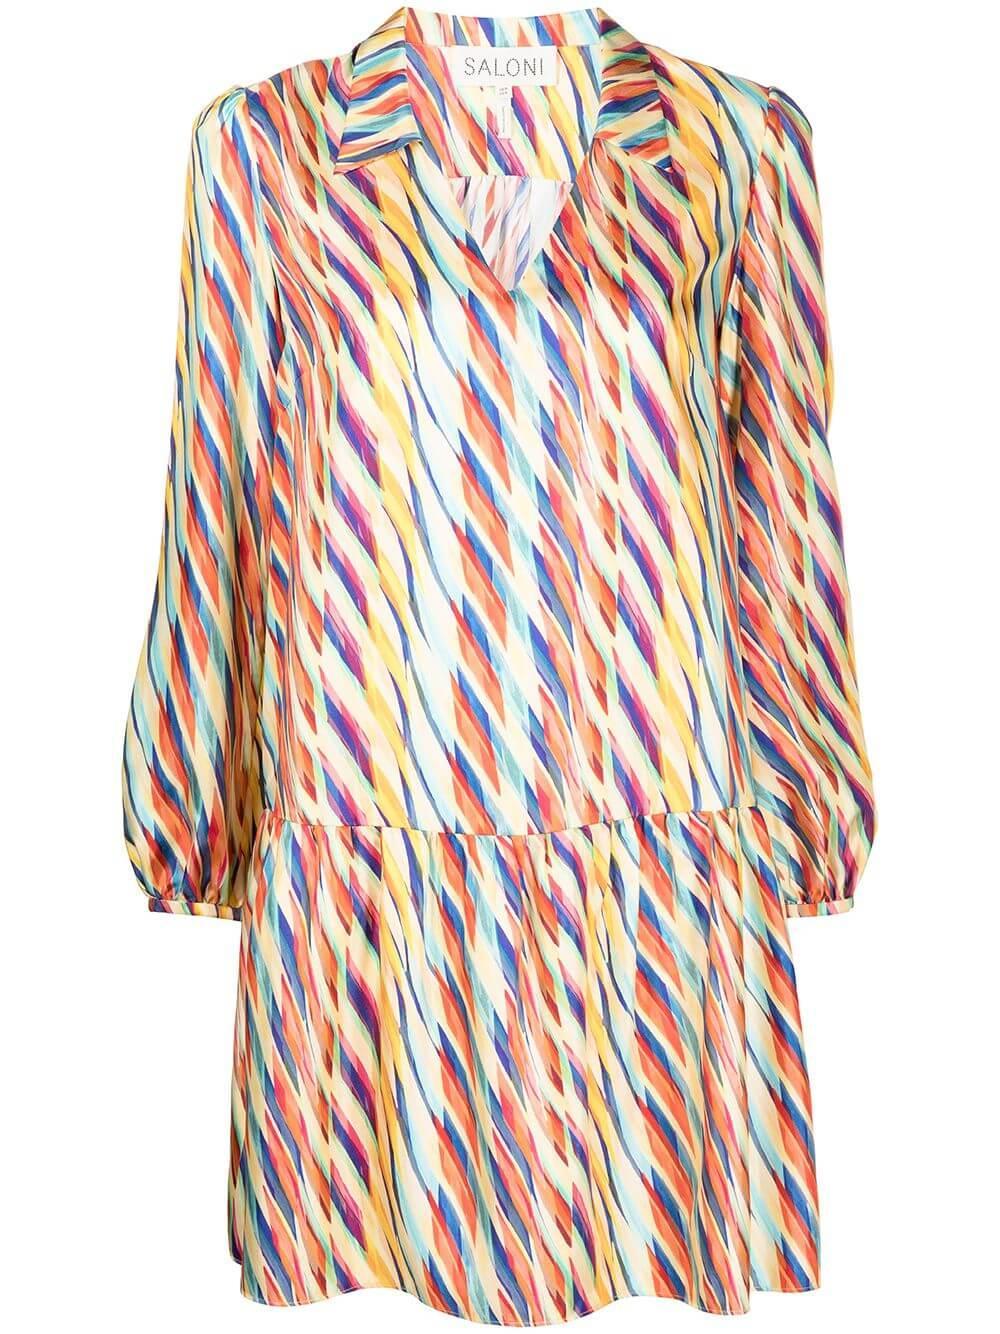 Jas Dress Item # 10357